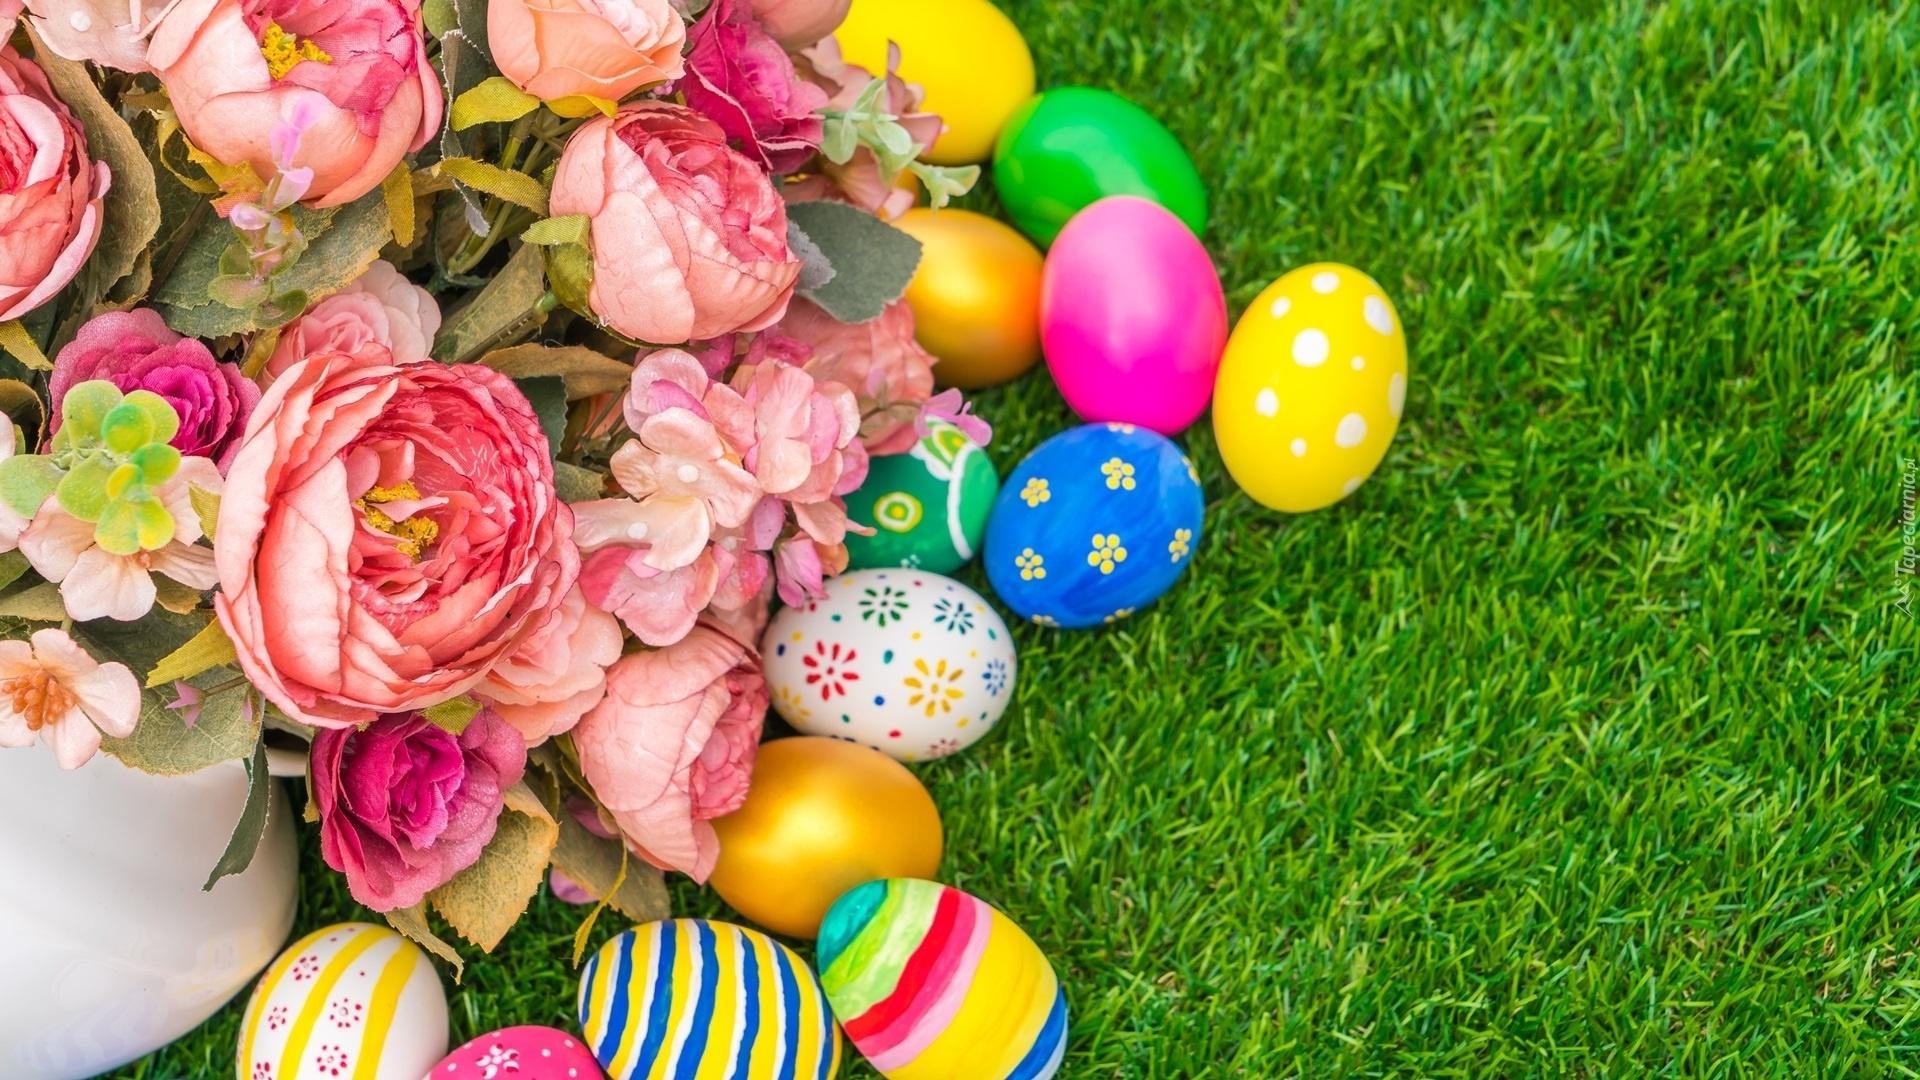 Easter Flowers desktop wallpaper hd